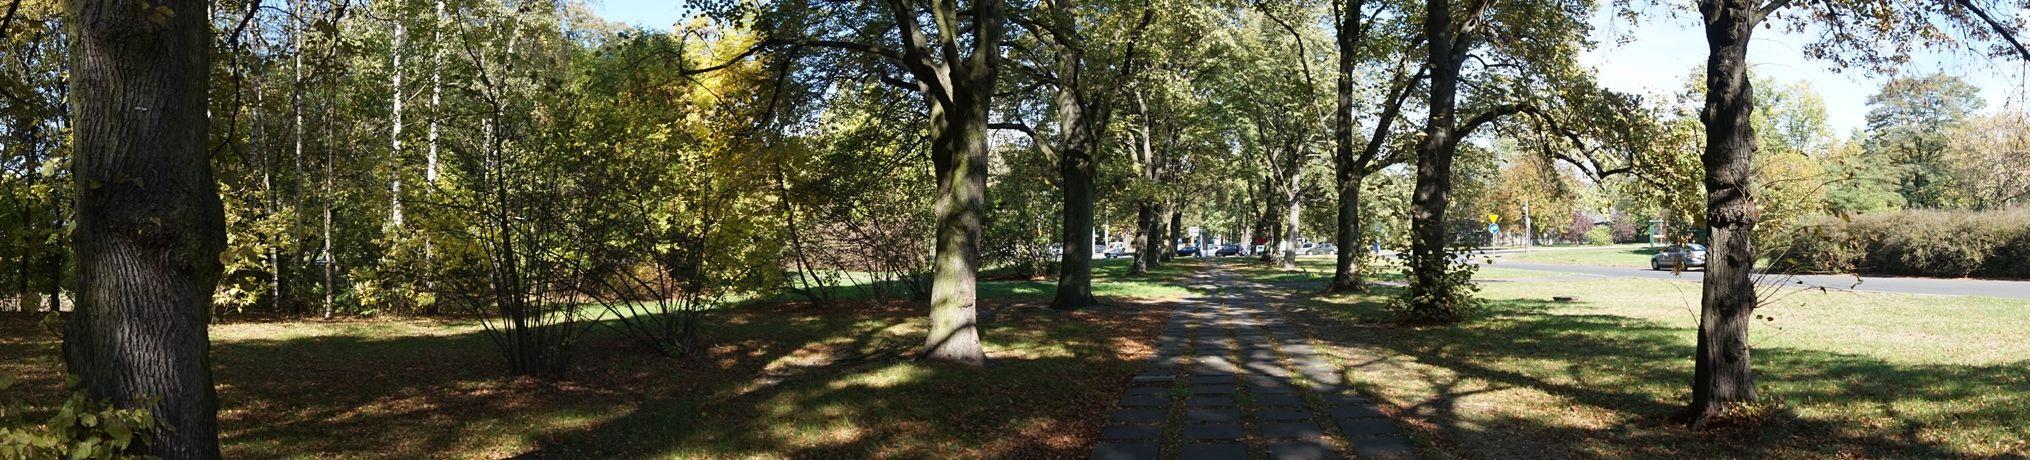 Konstantynowska - przy ogrodzie botanicznym